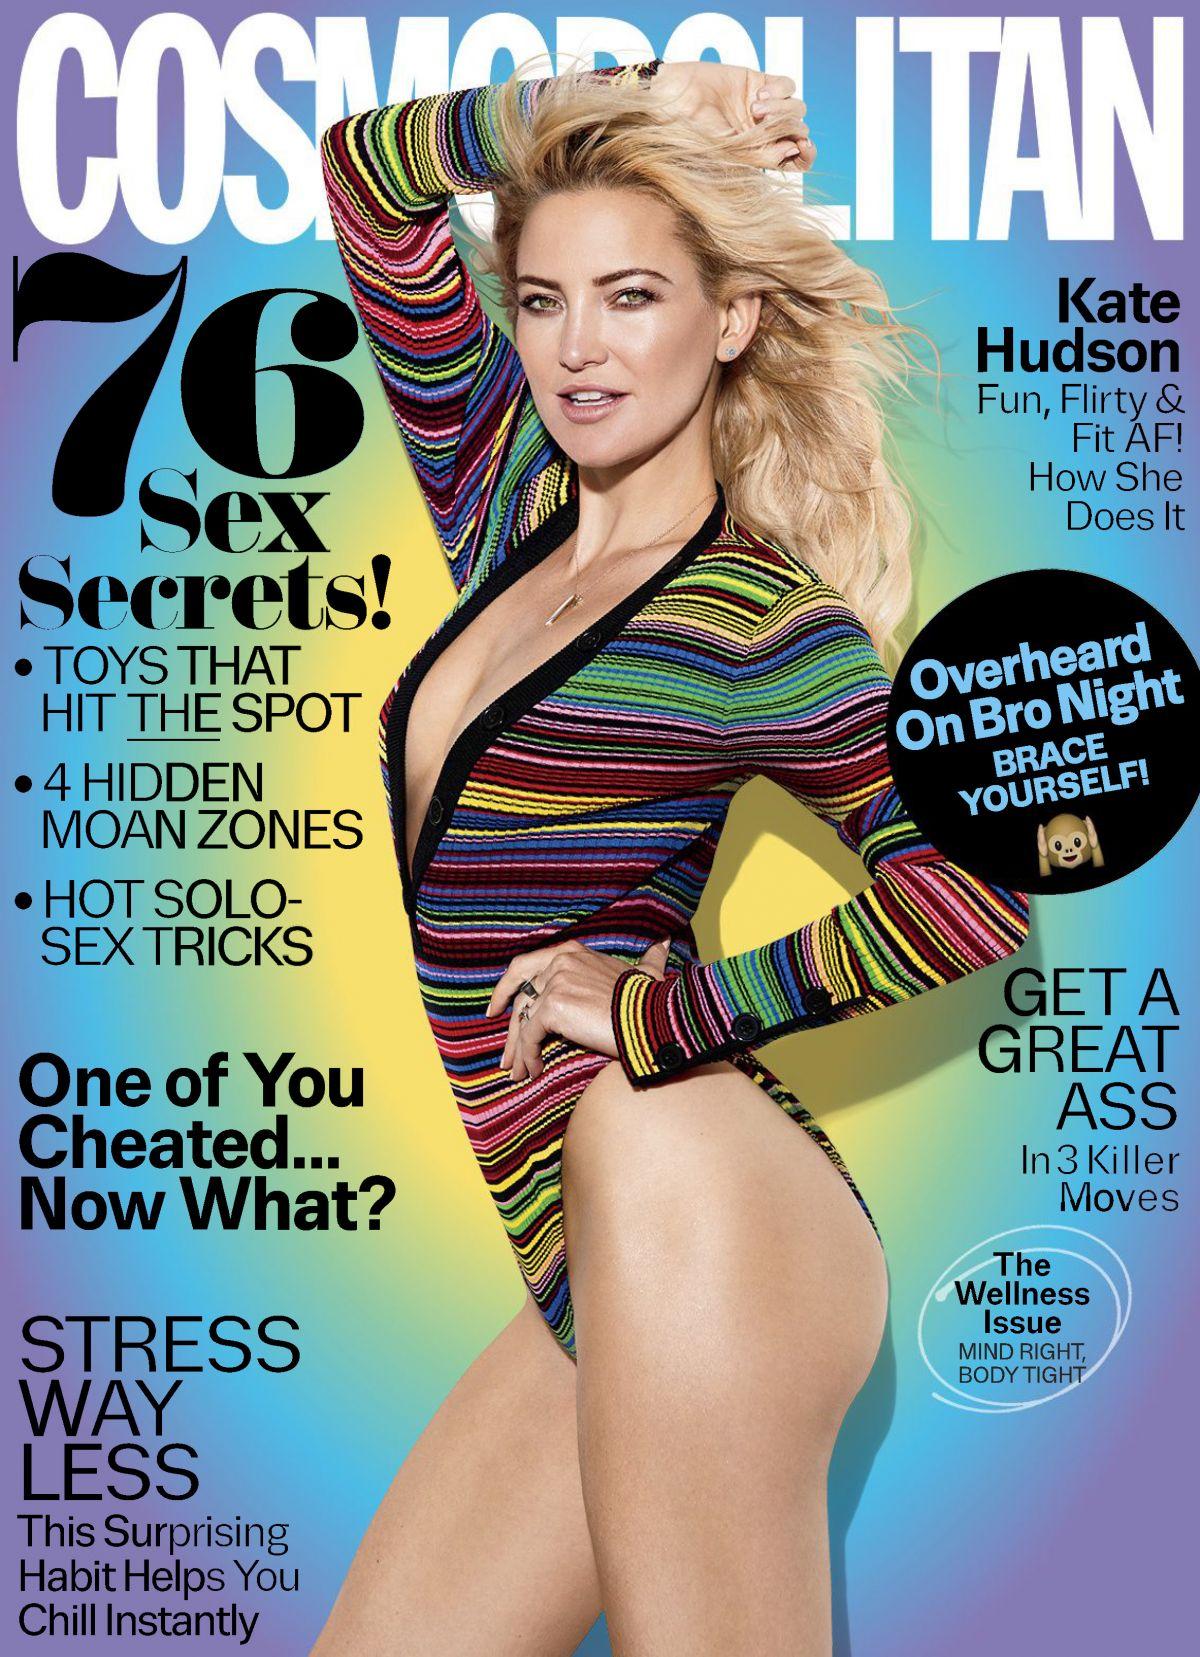 kate-hudson-in-cosmopolitan-magazine-october-2017_1.jpg